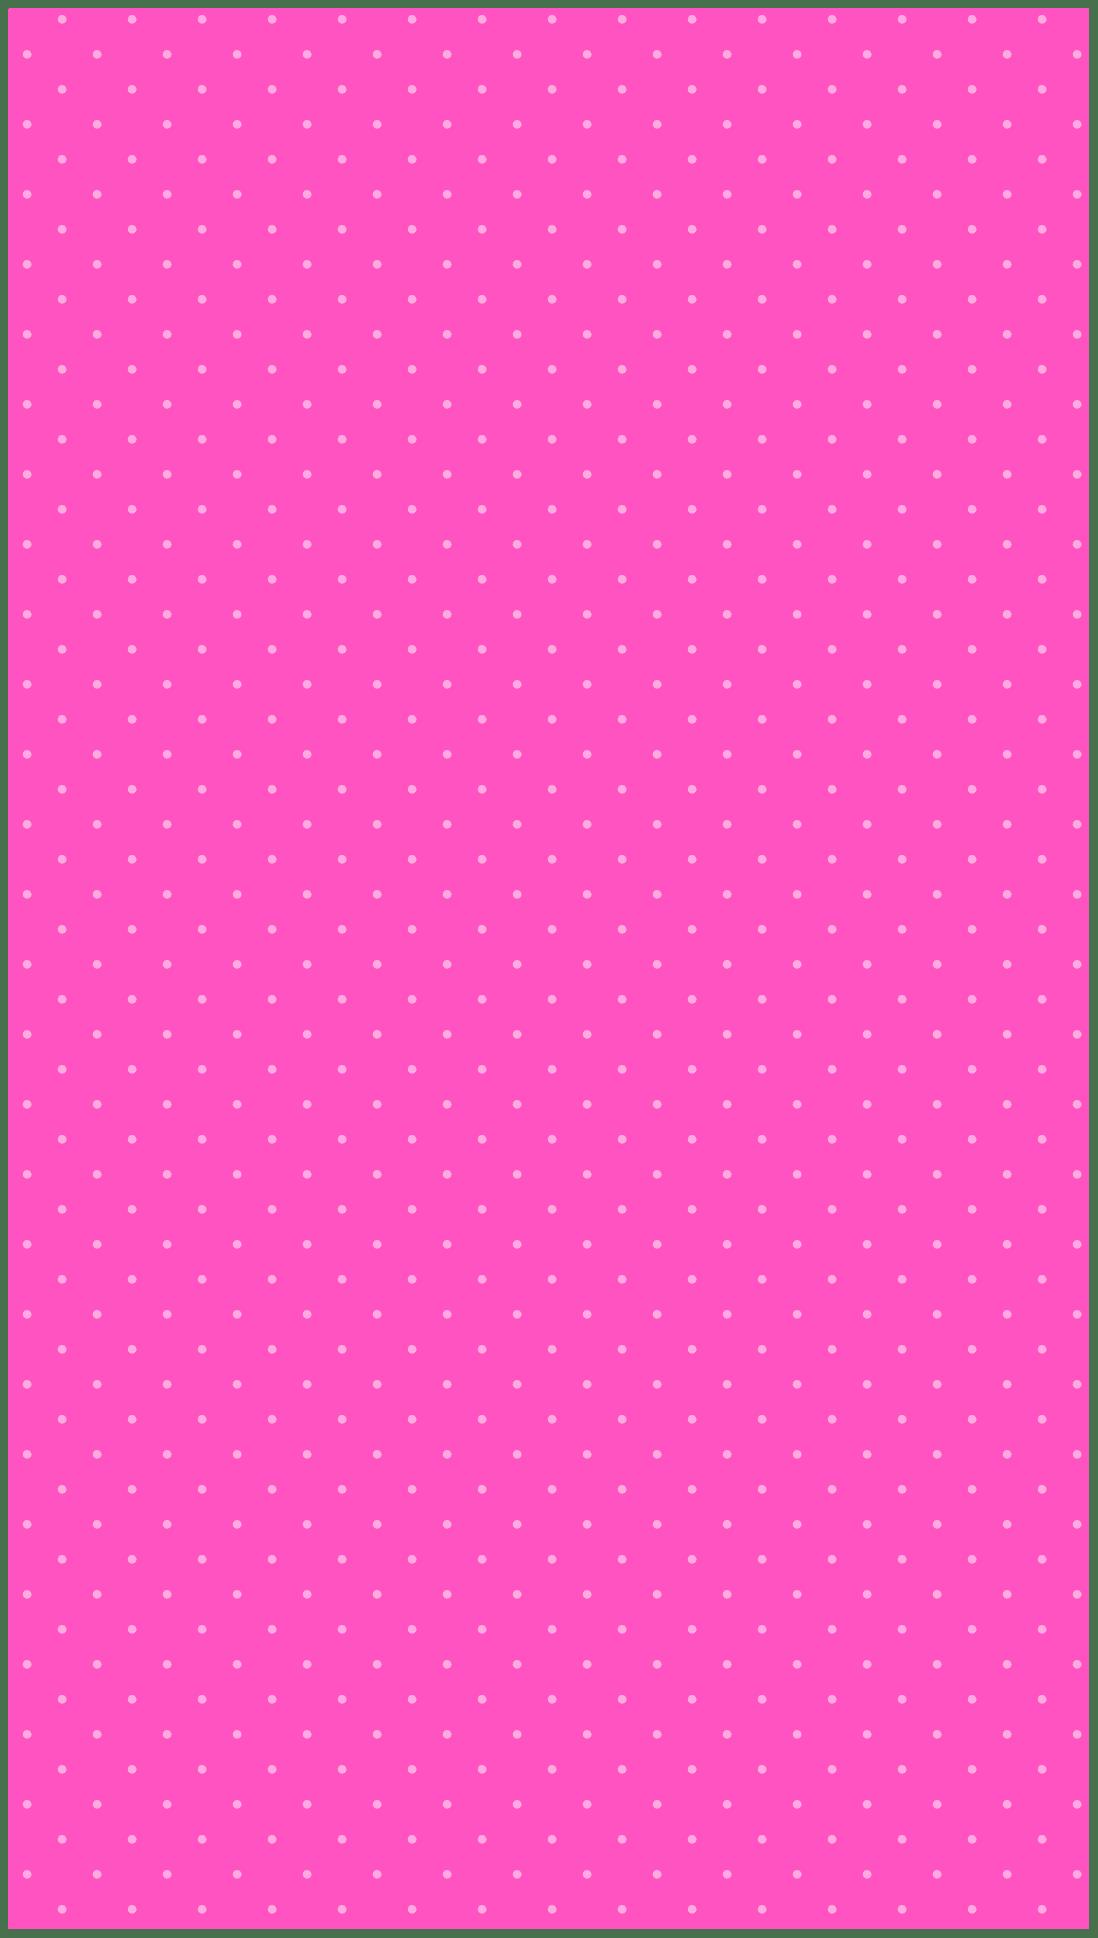 無料ダウンロード ピンク 壁紙 かわいい ベスト 壁紙 イラスト